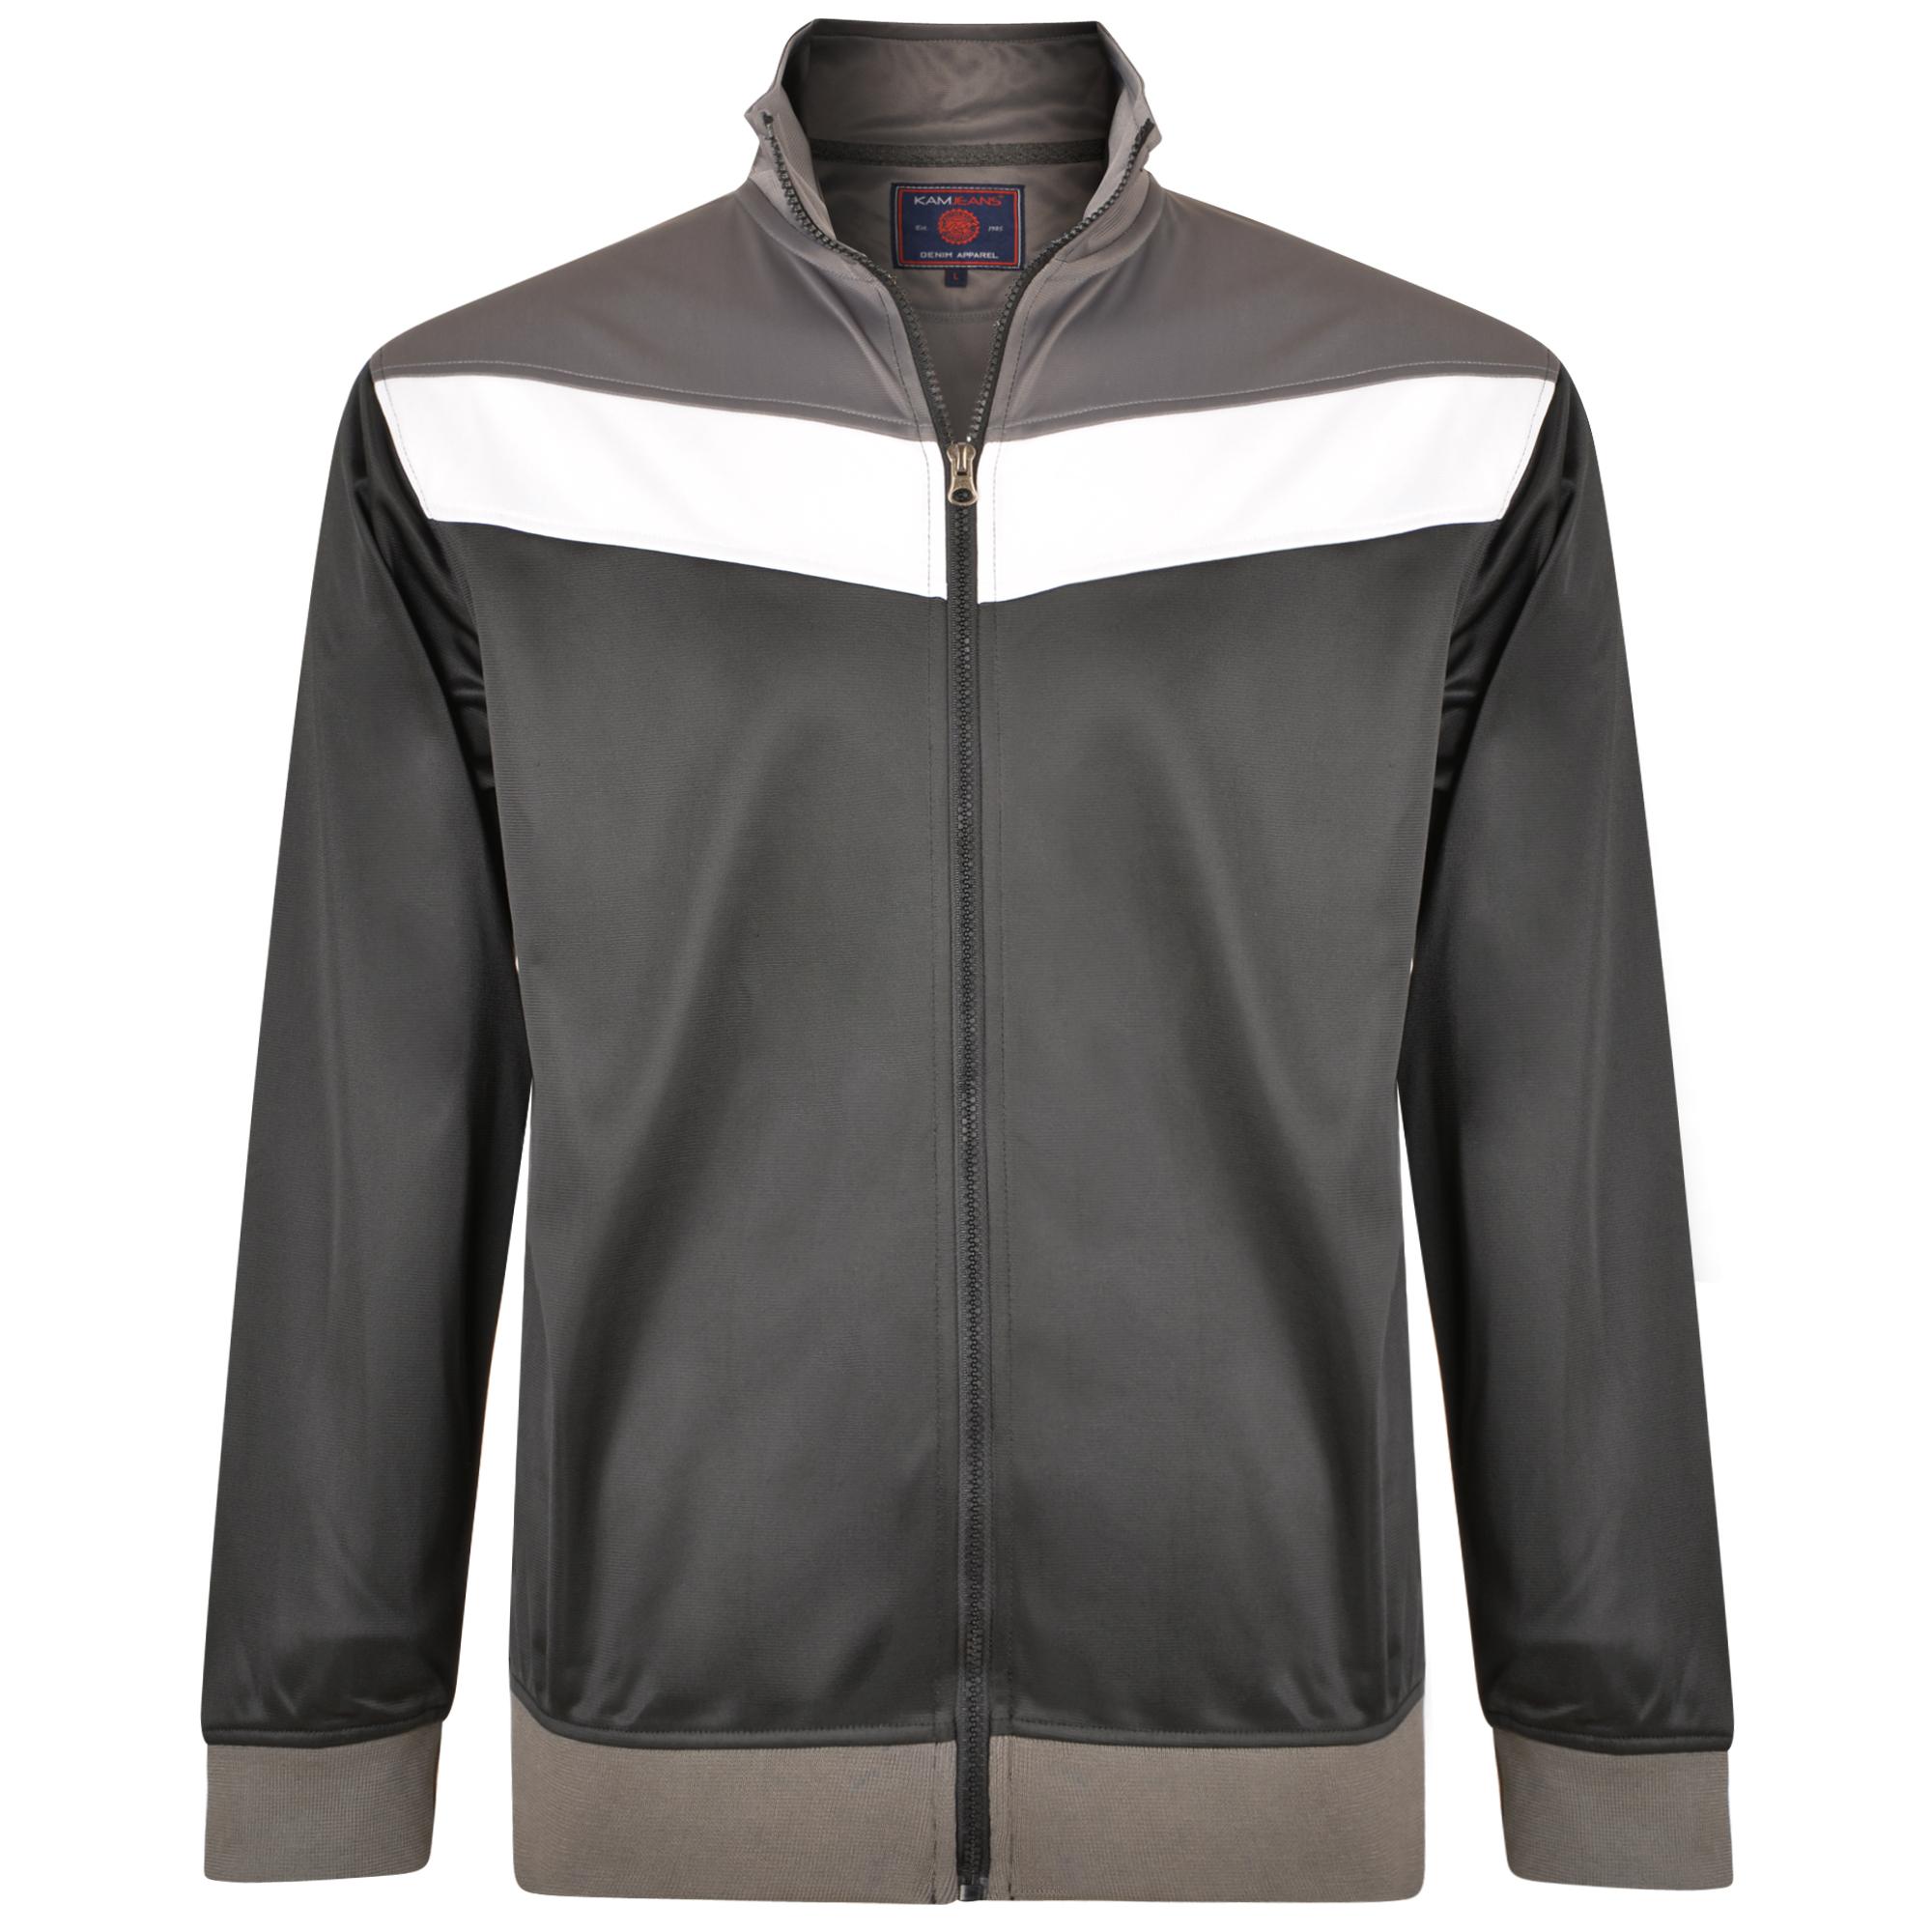 Tricot sport top van merk KAM Jeanswear in de kleur zwart, gemaakt van polyester.